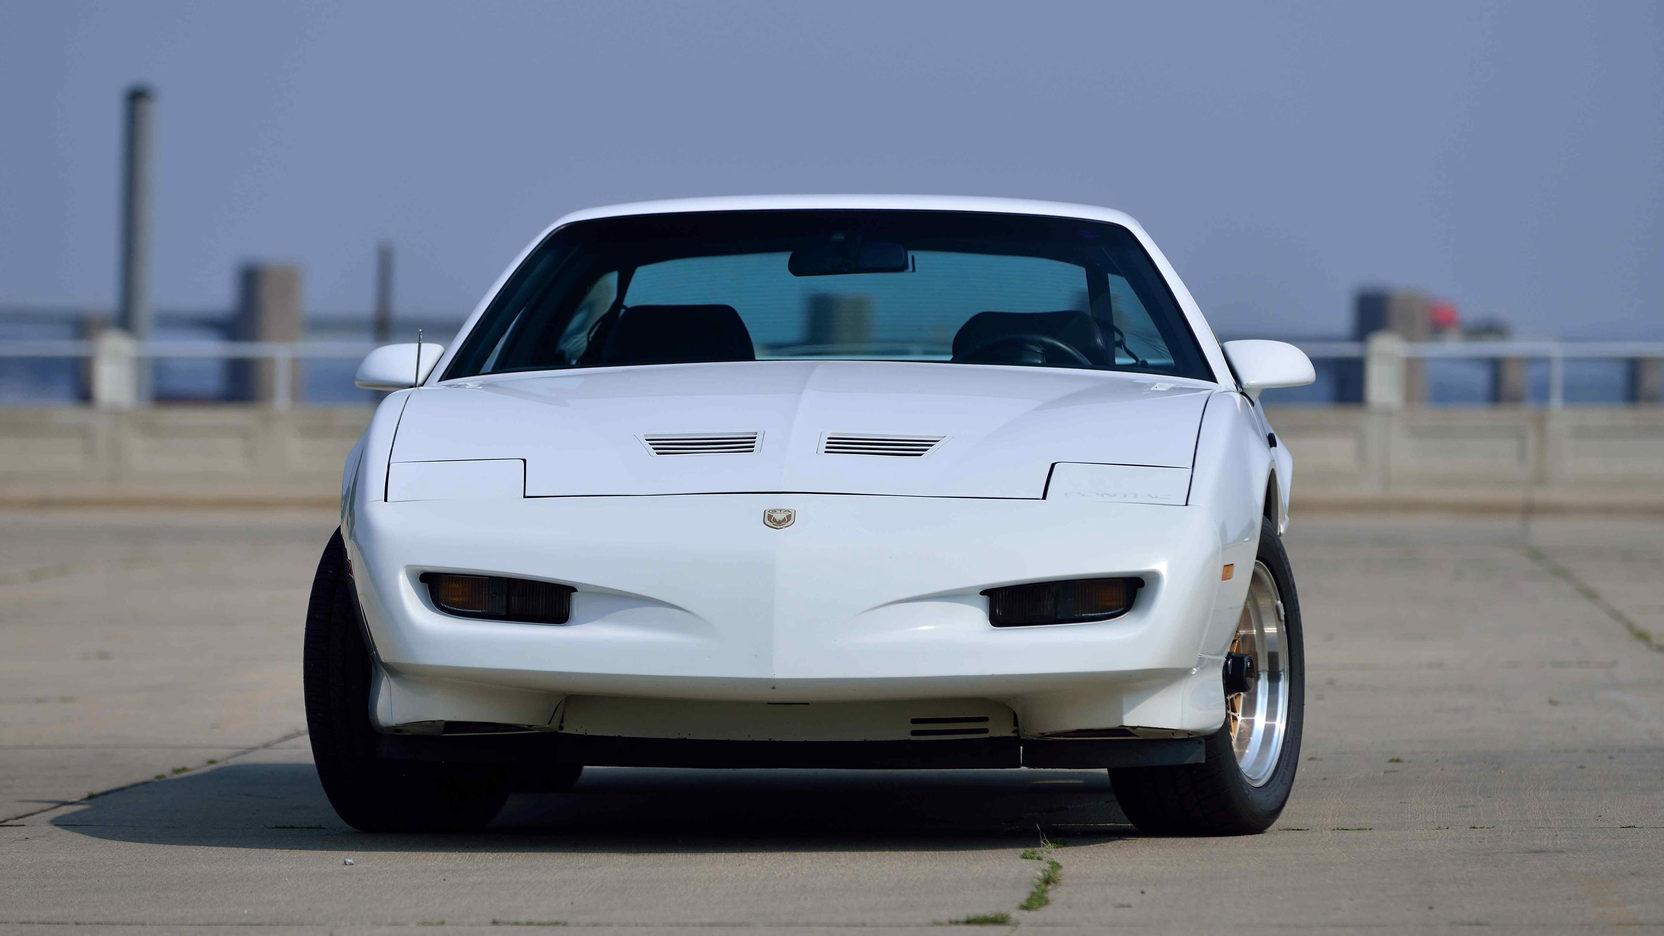 1991 Pontiac Trans Am nose